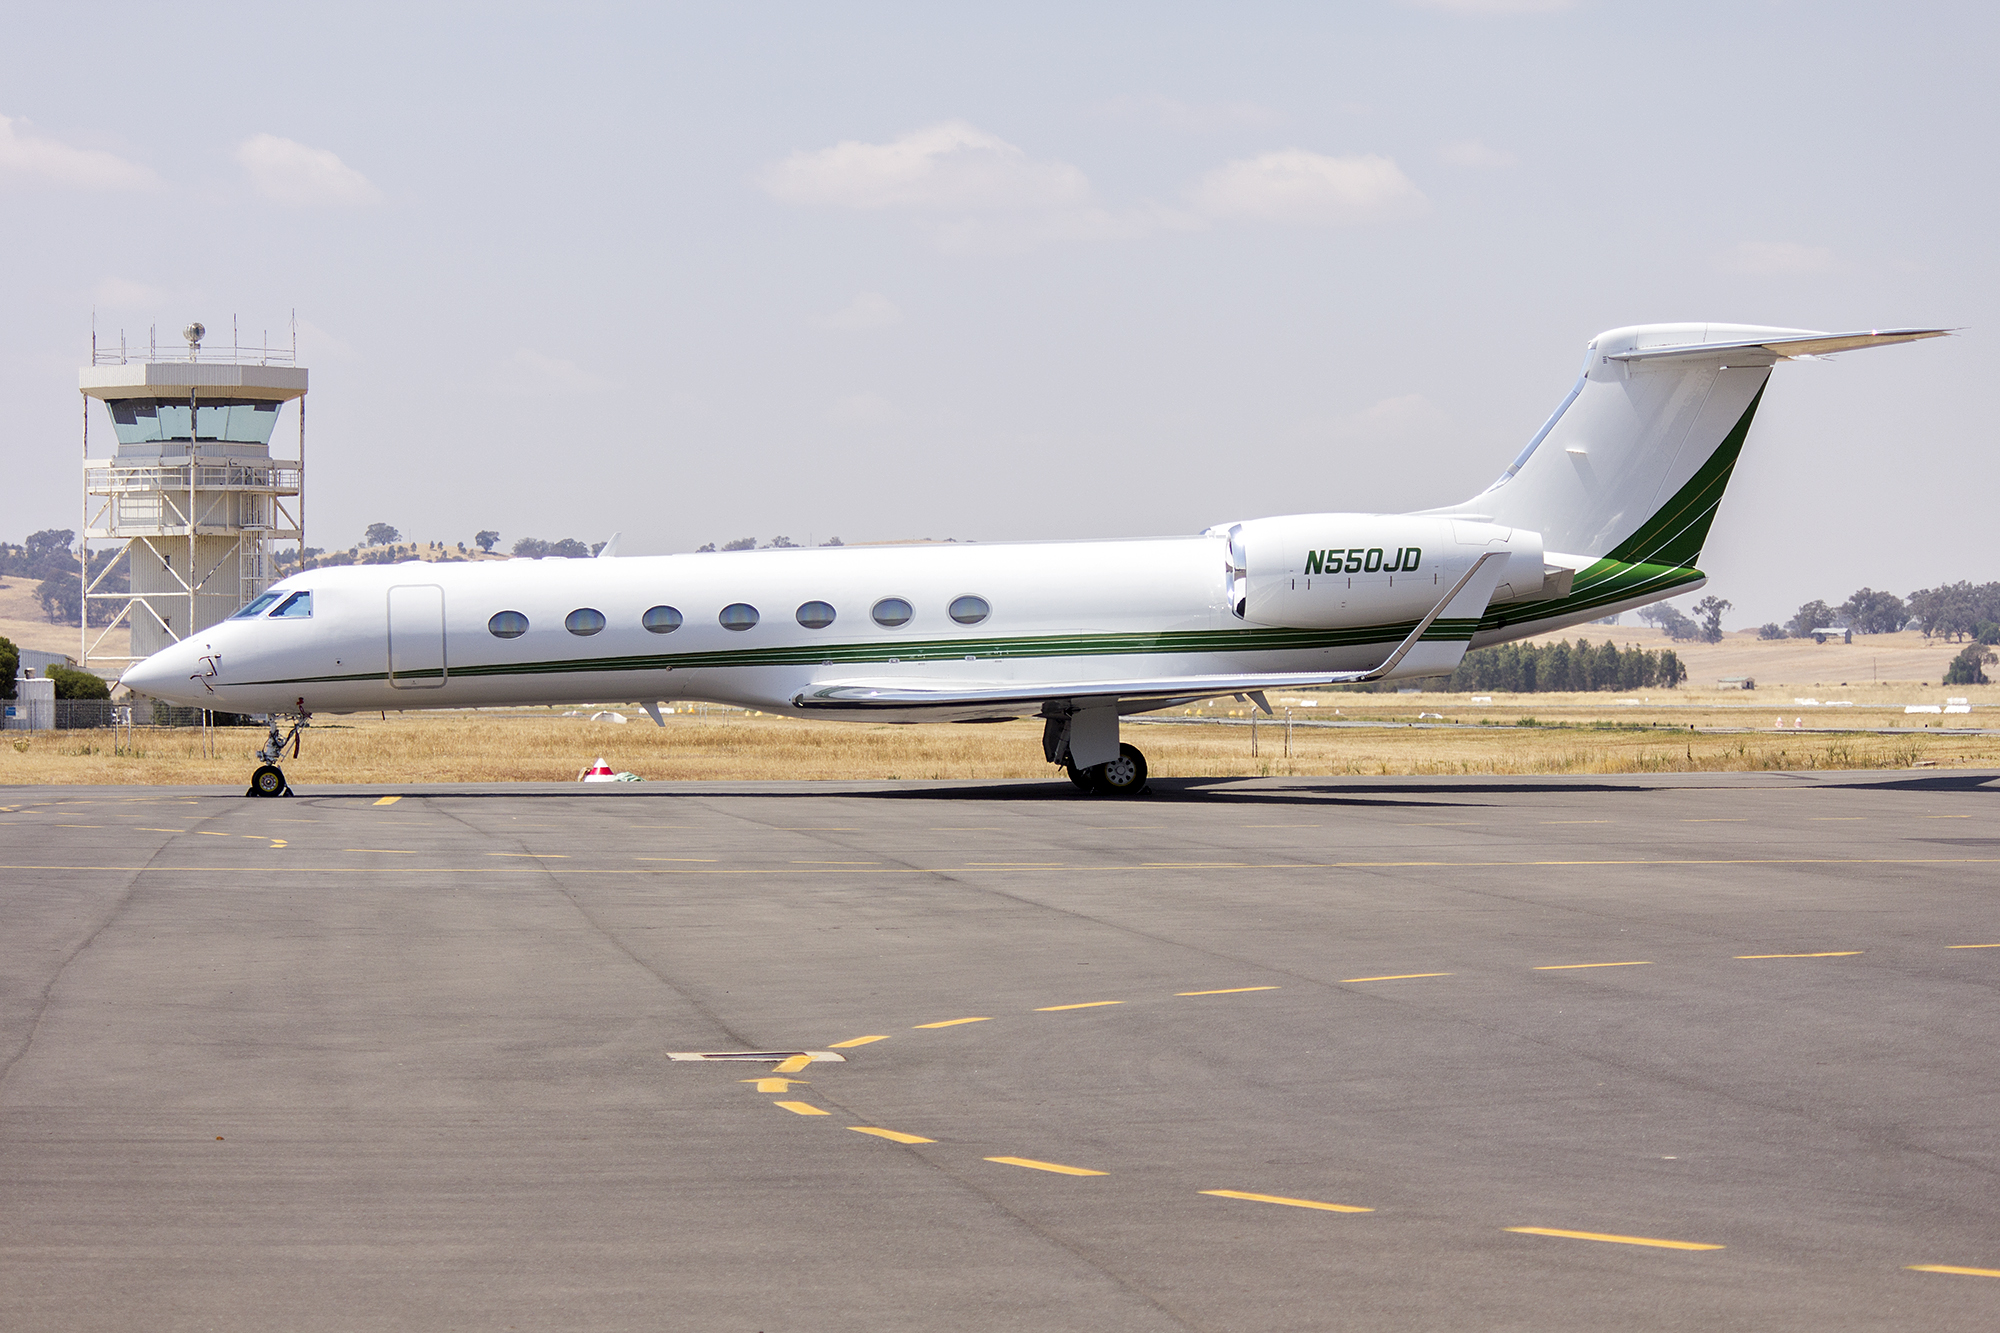 Kenny Chesney Airplane